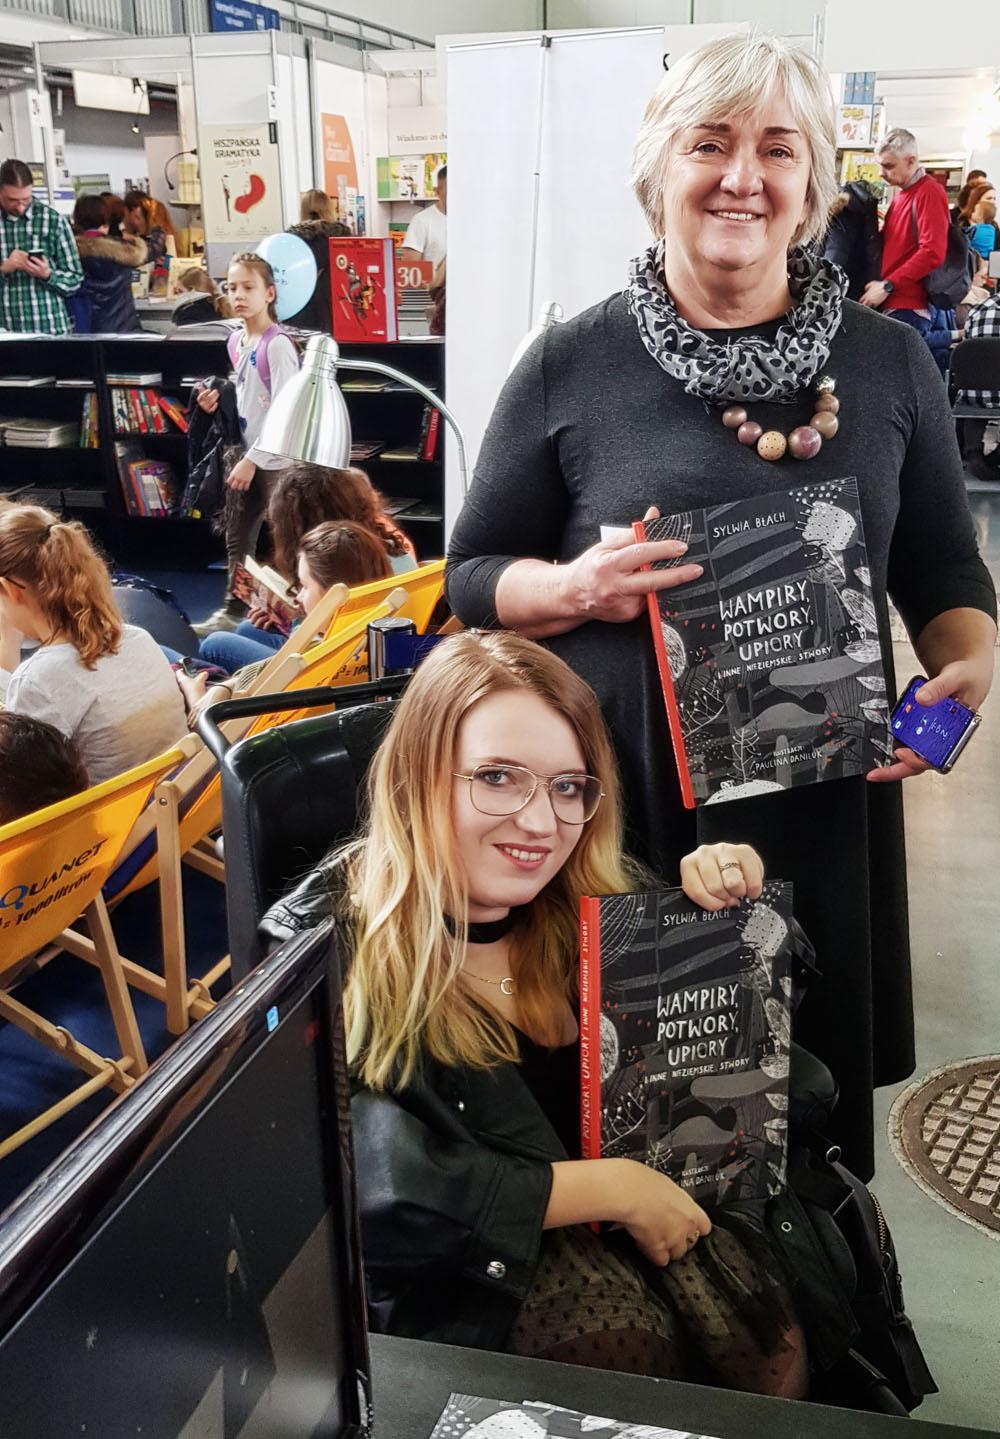 książka o potworach dla dzieci